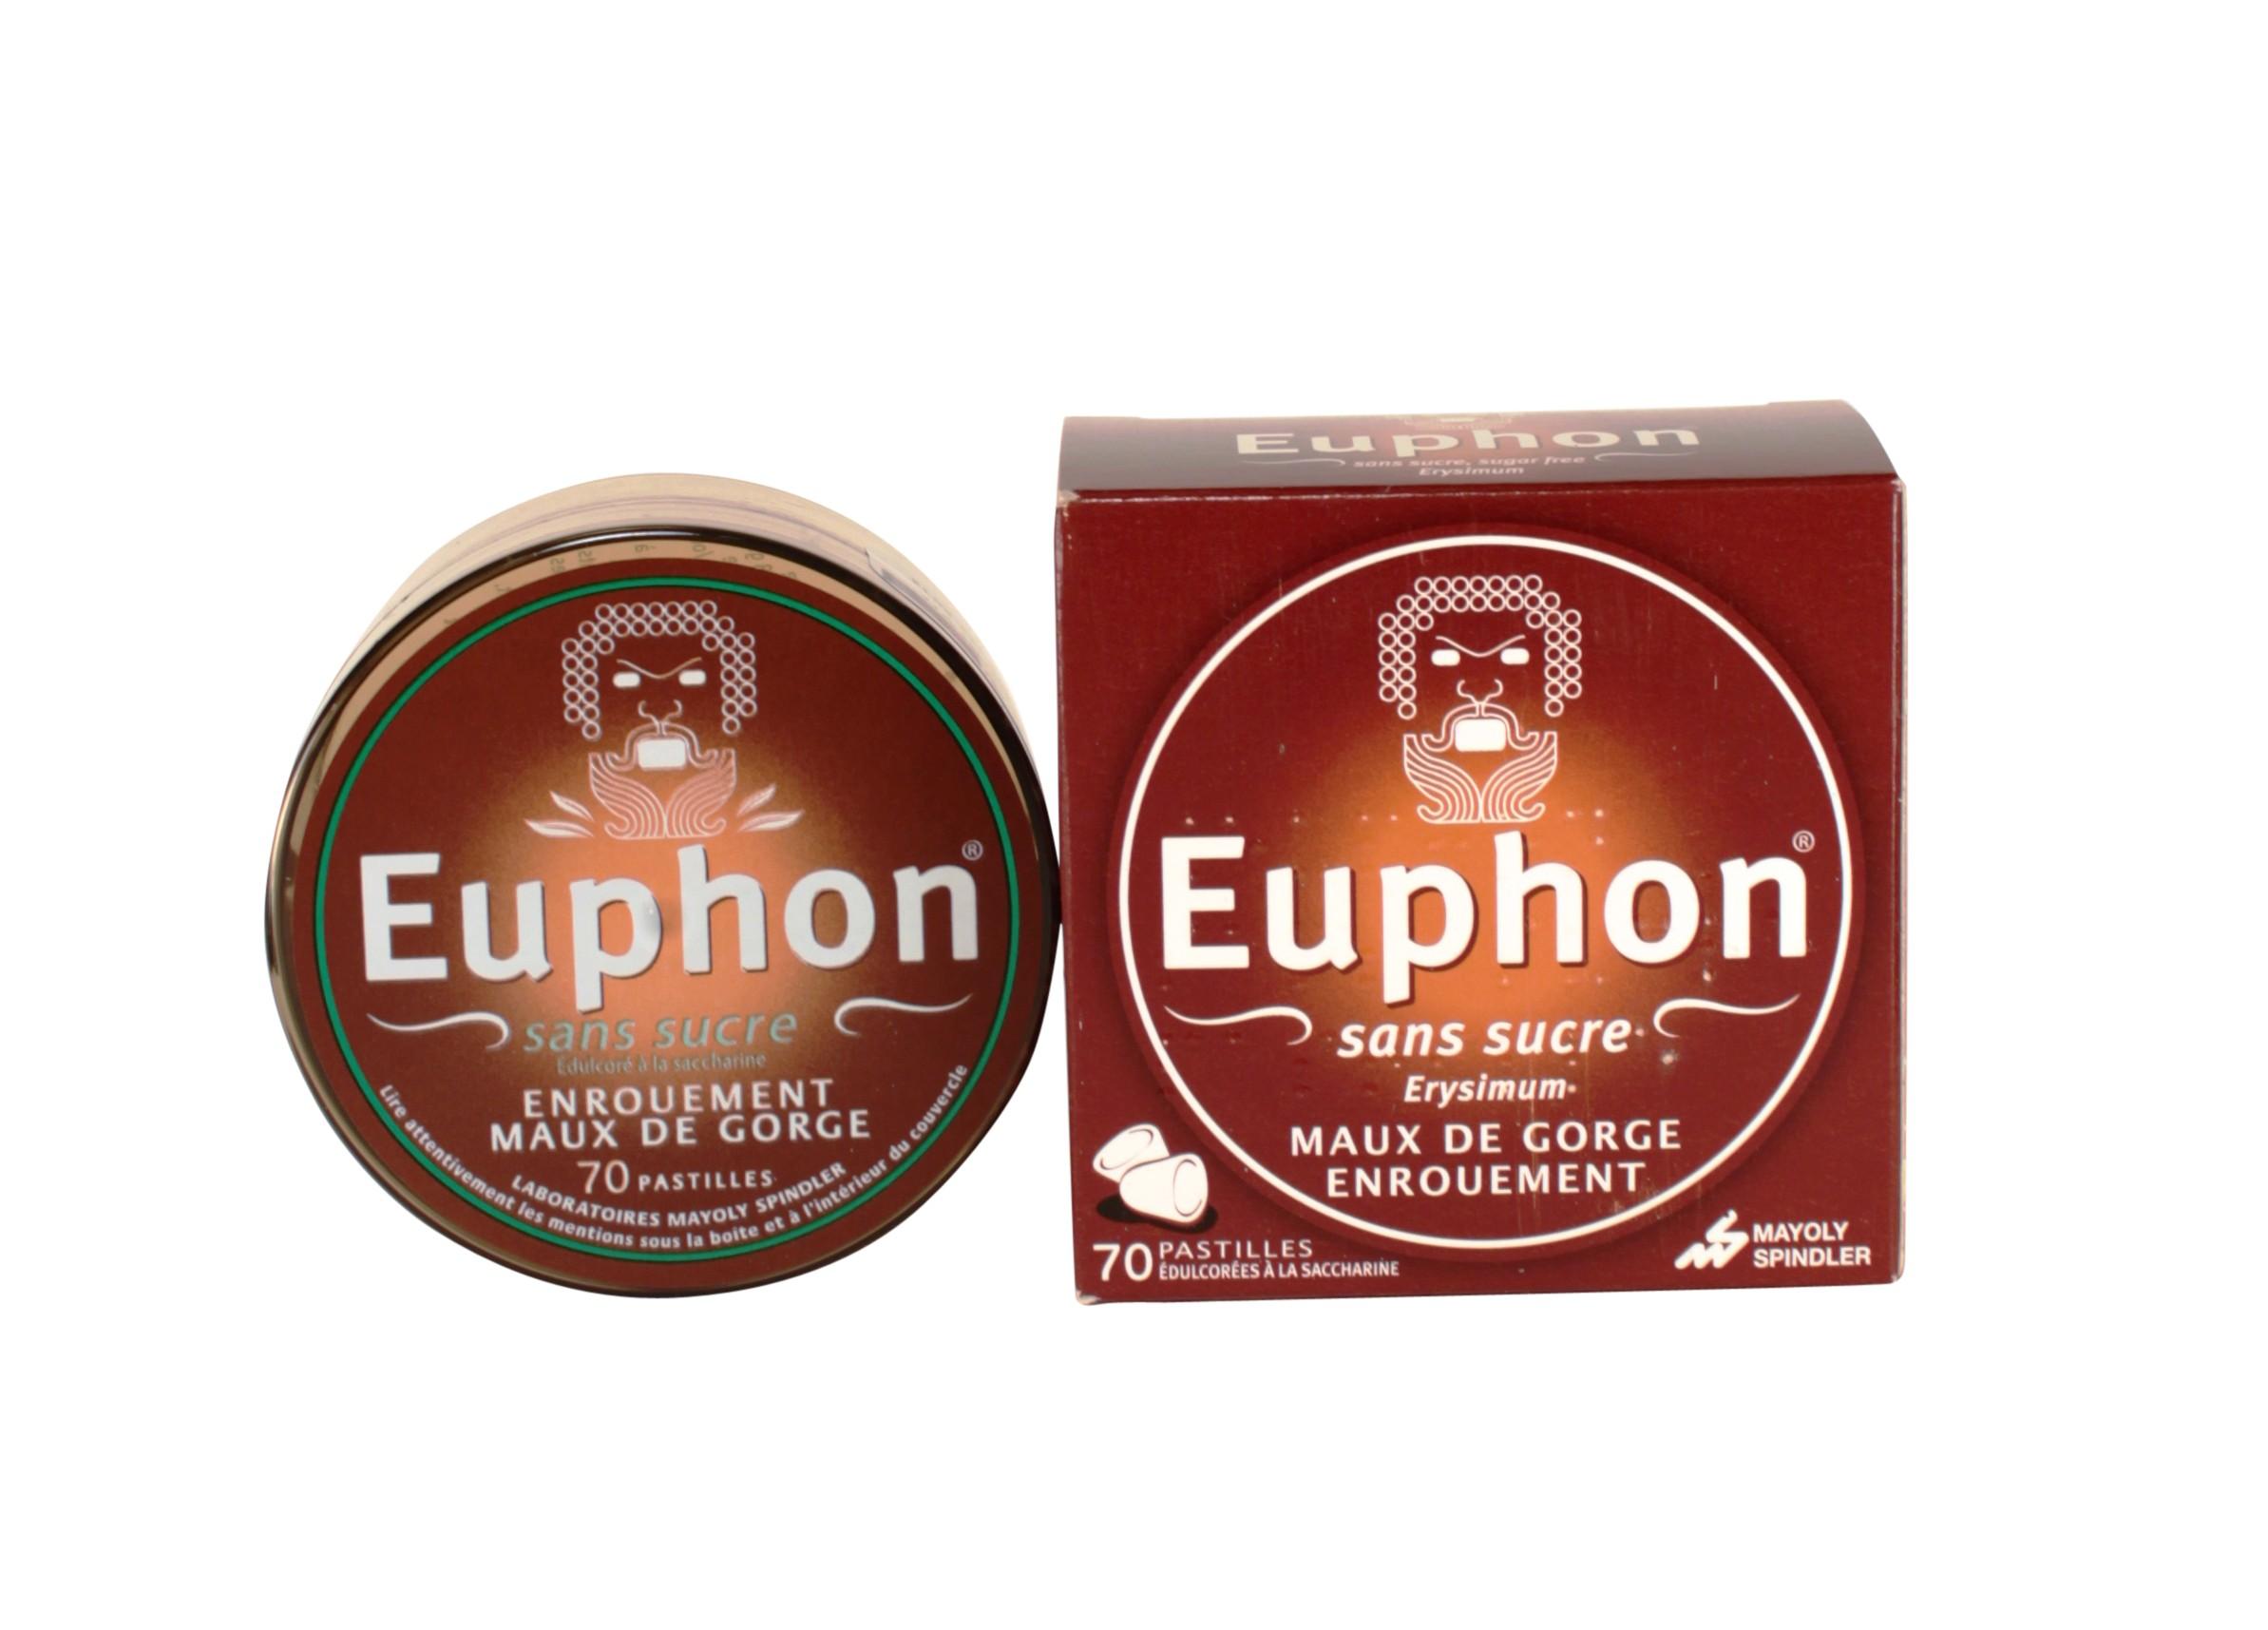 Euphon pastilles, Médicament Maux de gorge - Pharmacie